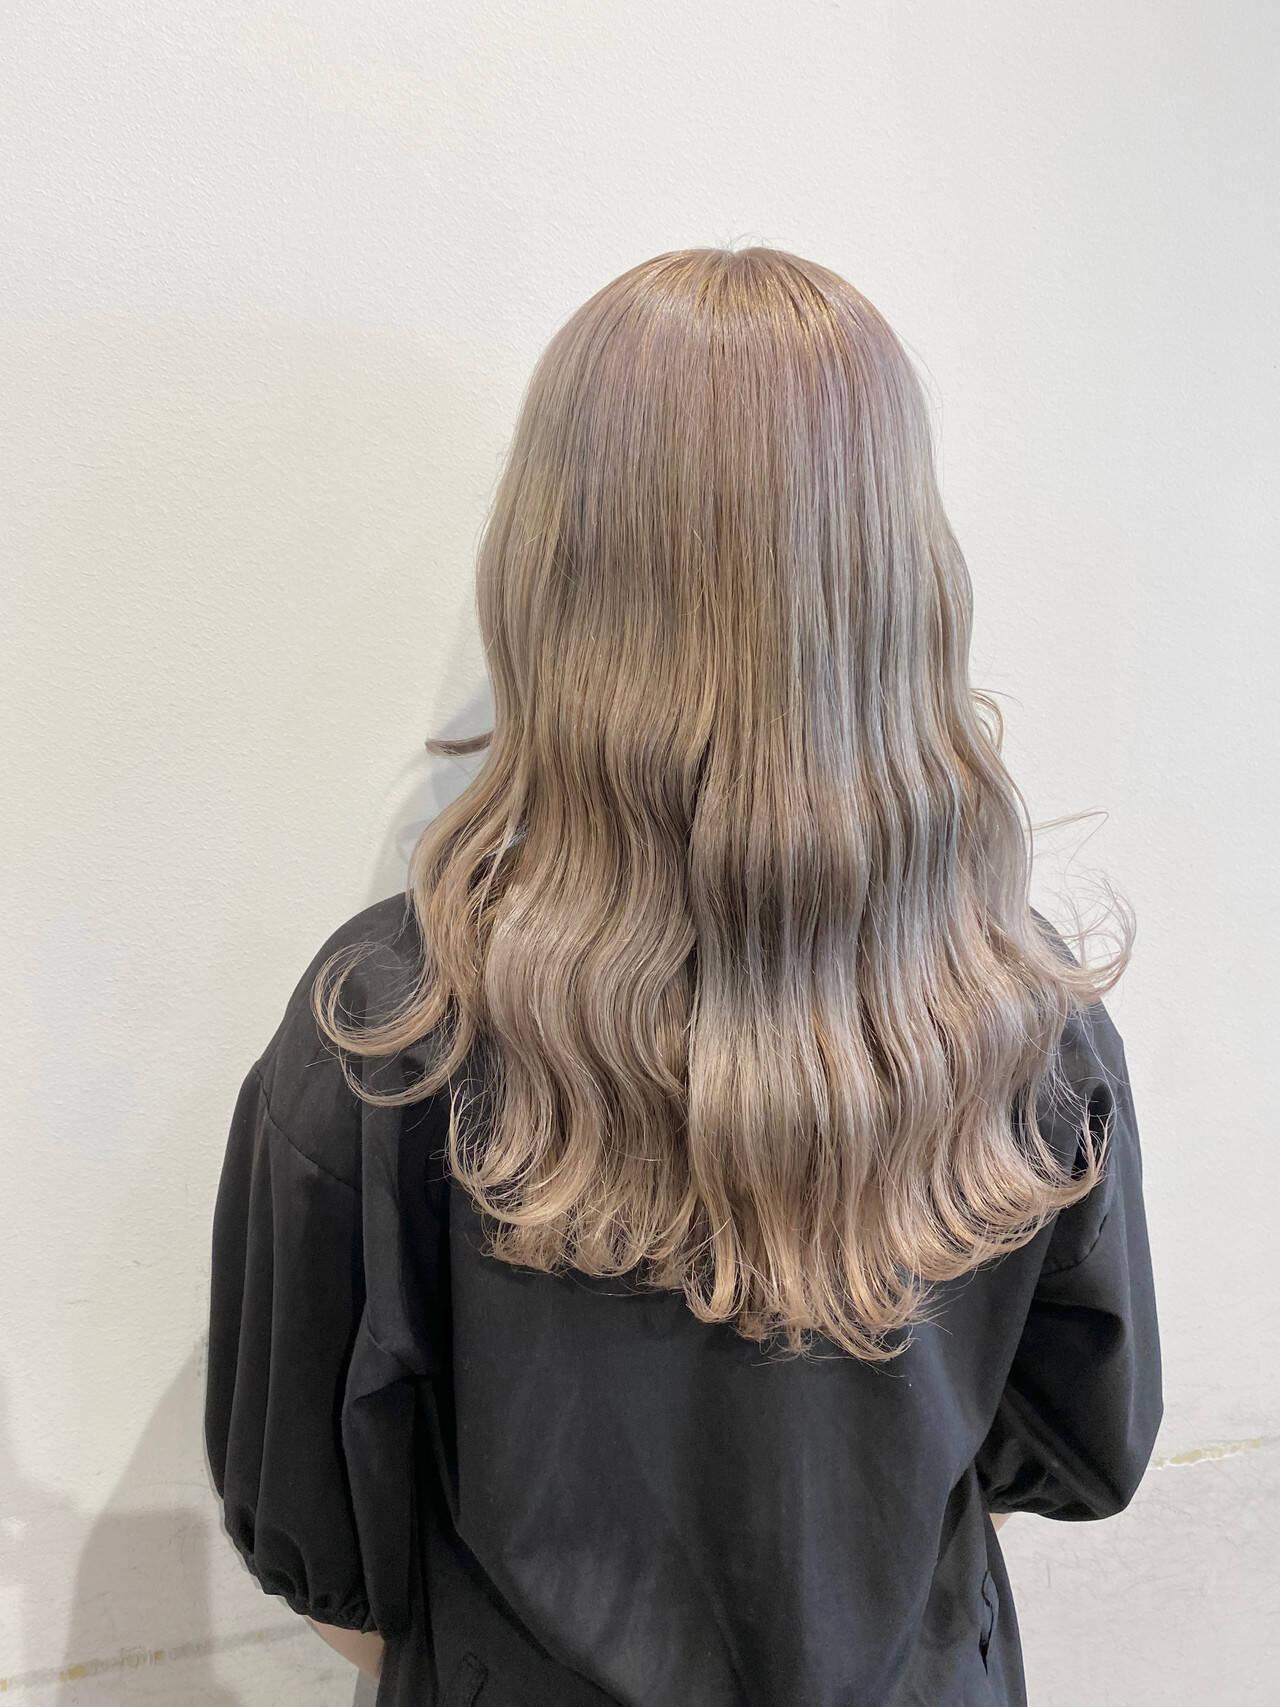 韓国風ヘアー 韓国 ミルクティーベージュ ロングヘアスタイルや髪型の写真・画像